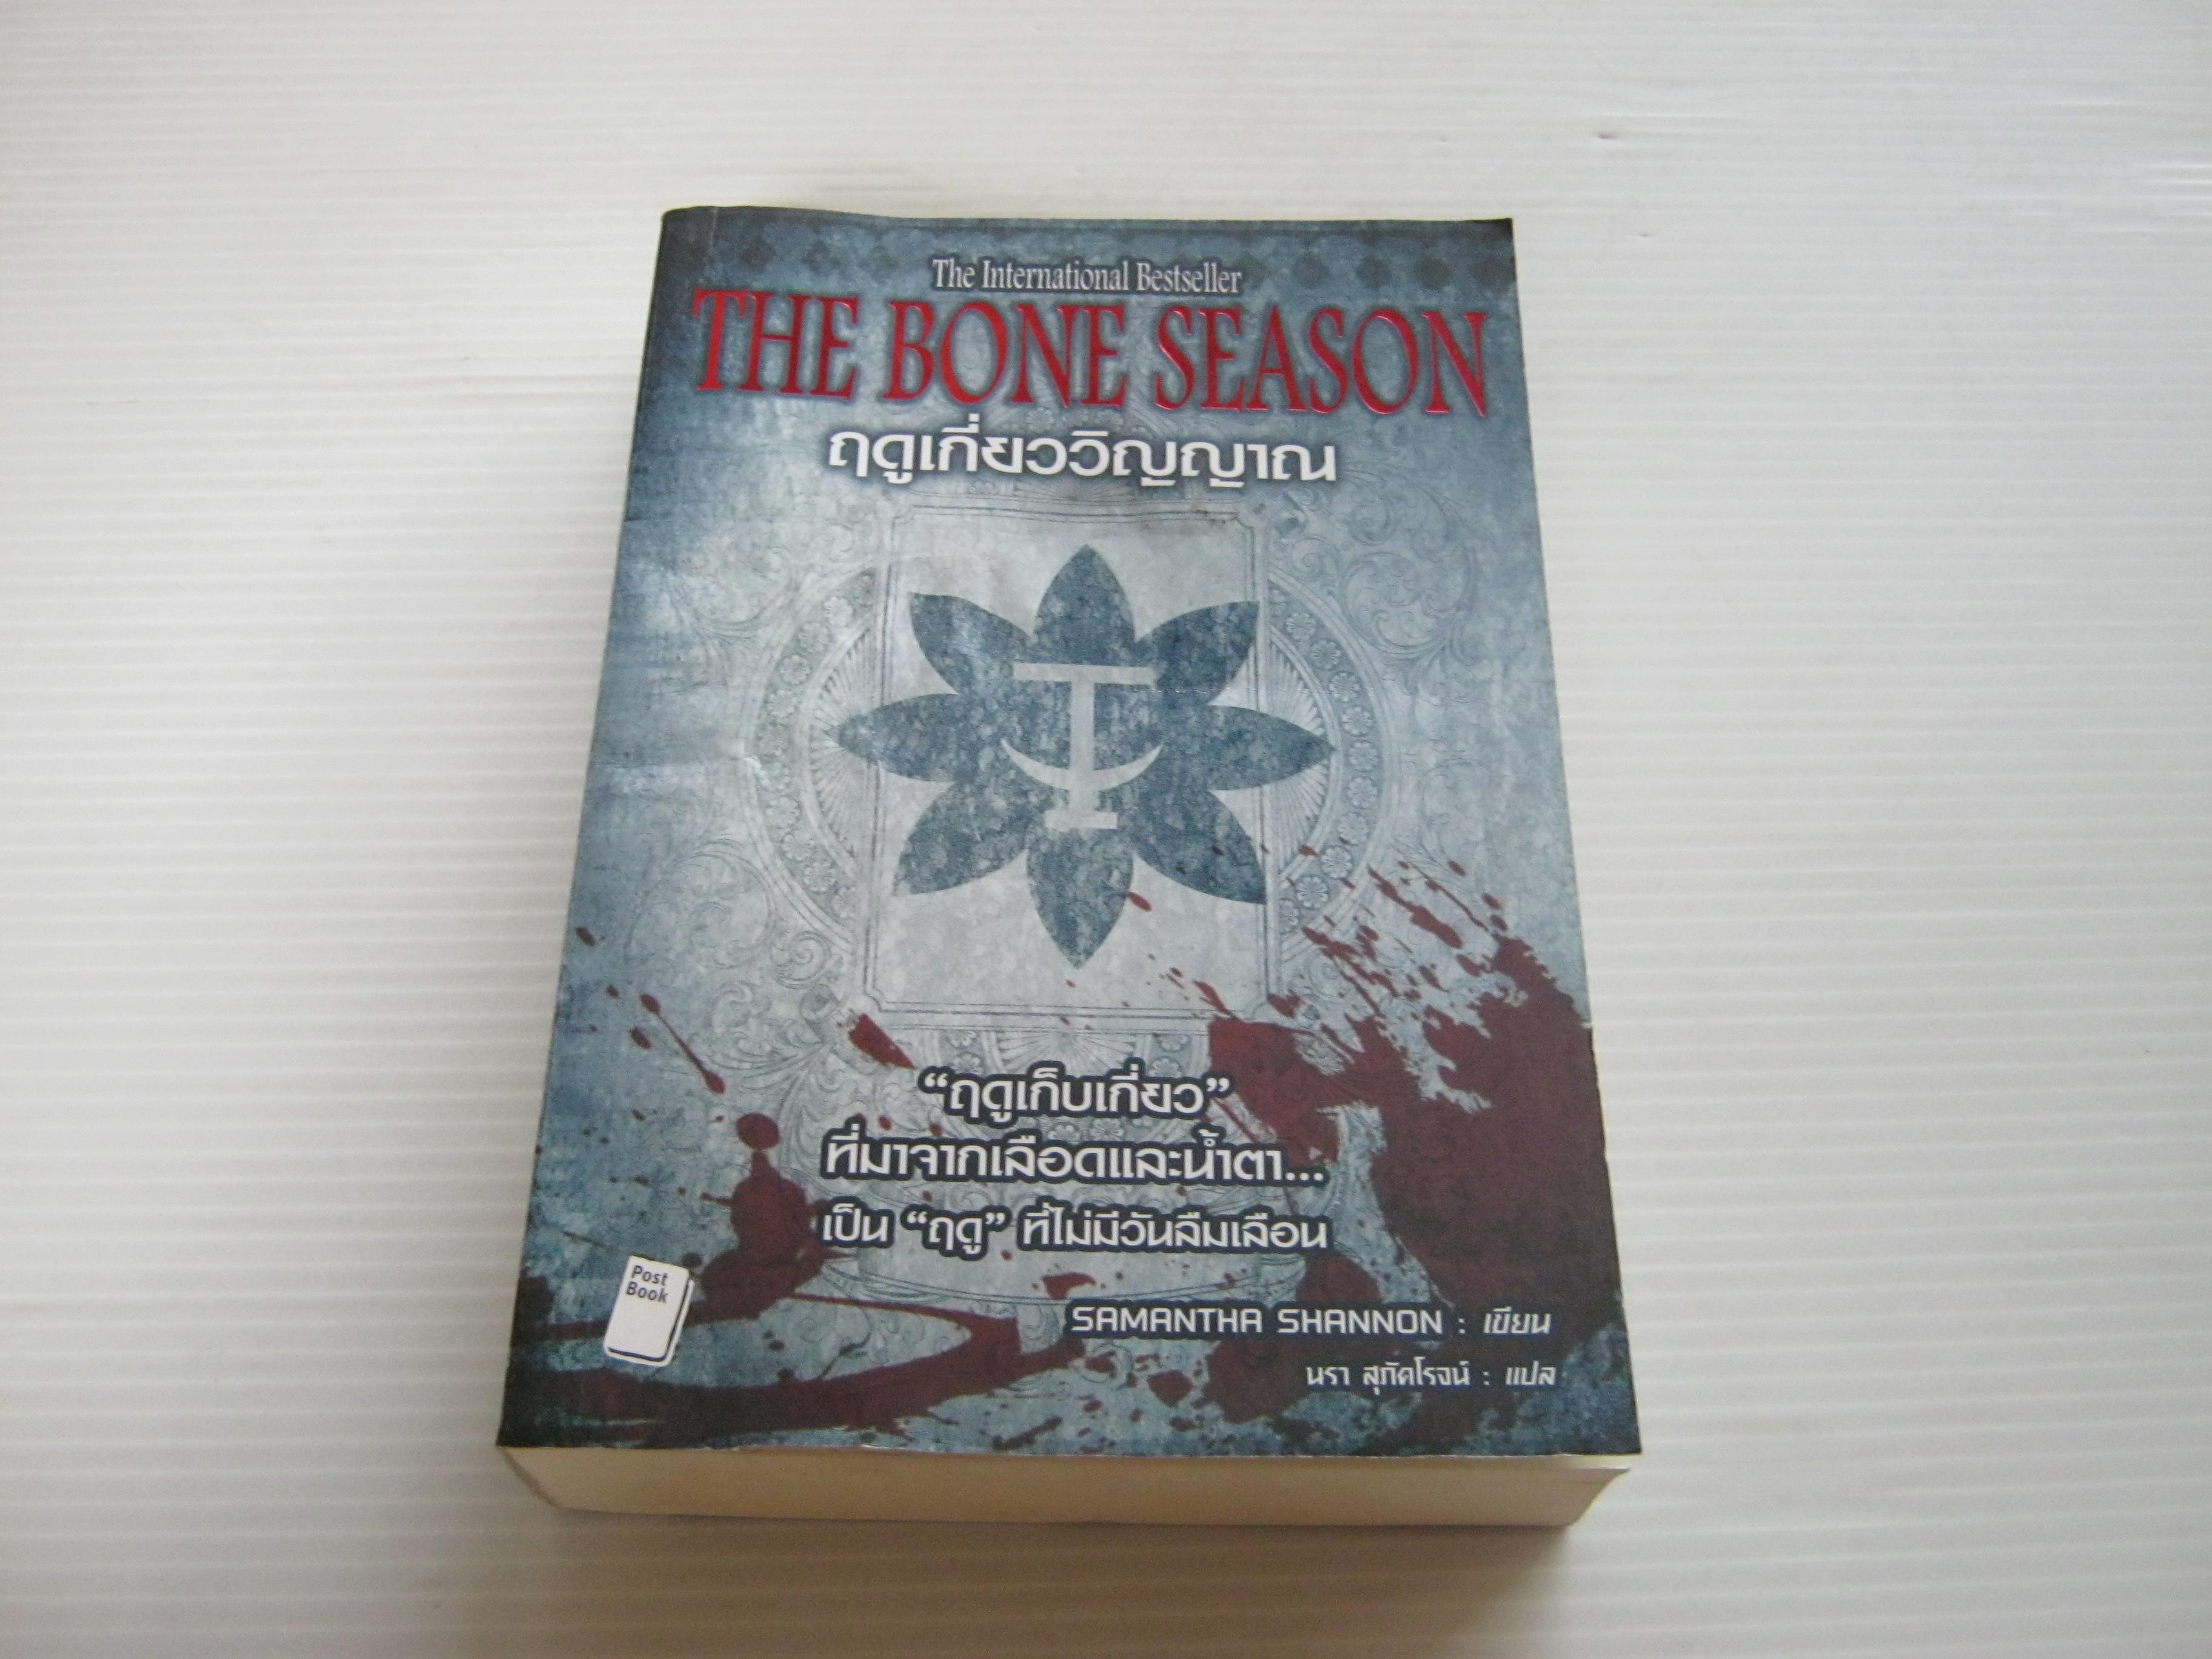 ฤดูเกี่ยววิญญาณ (The Bone Season) Samantha Shannon เขียน นรา สุภัคโรจน์ แปล